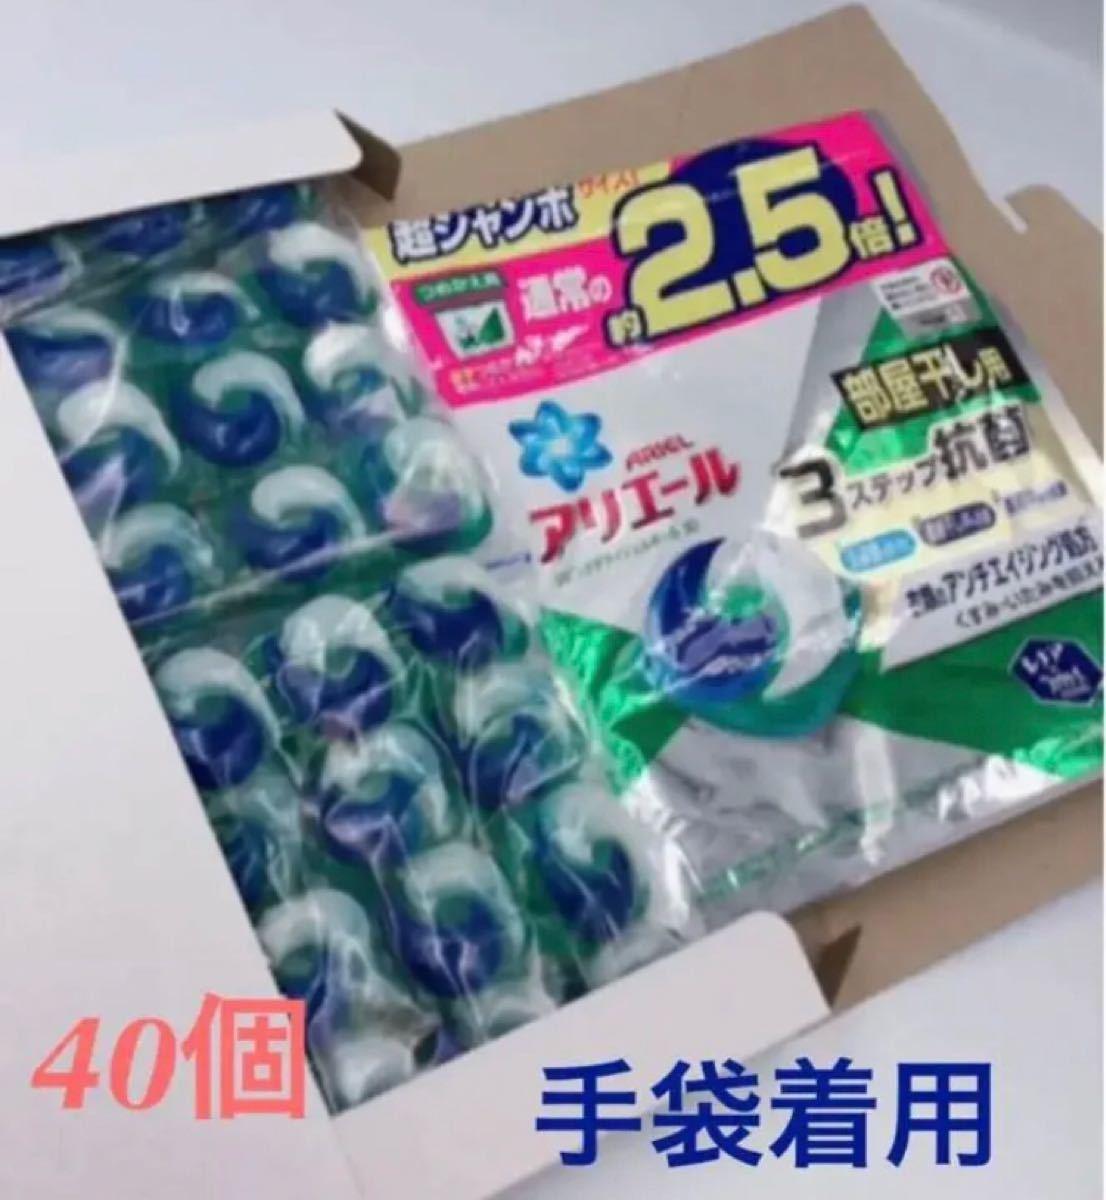 【40個・部屋干し】リビングドライジェルボール3D アリエール 洗濯洗剤